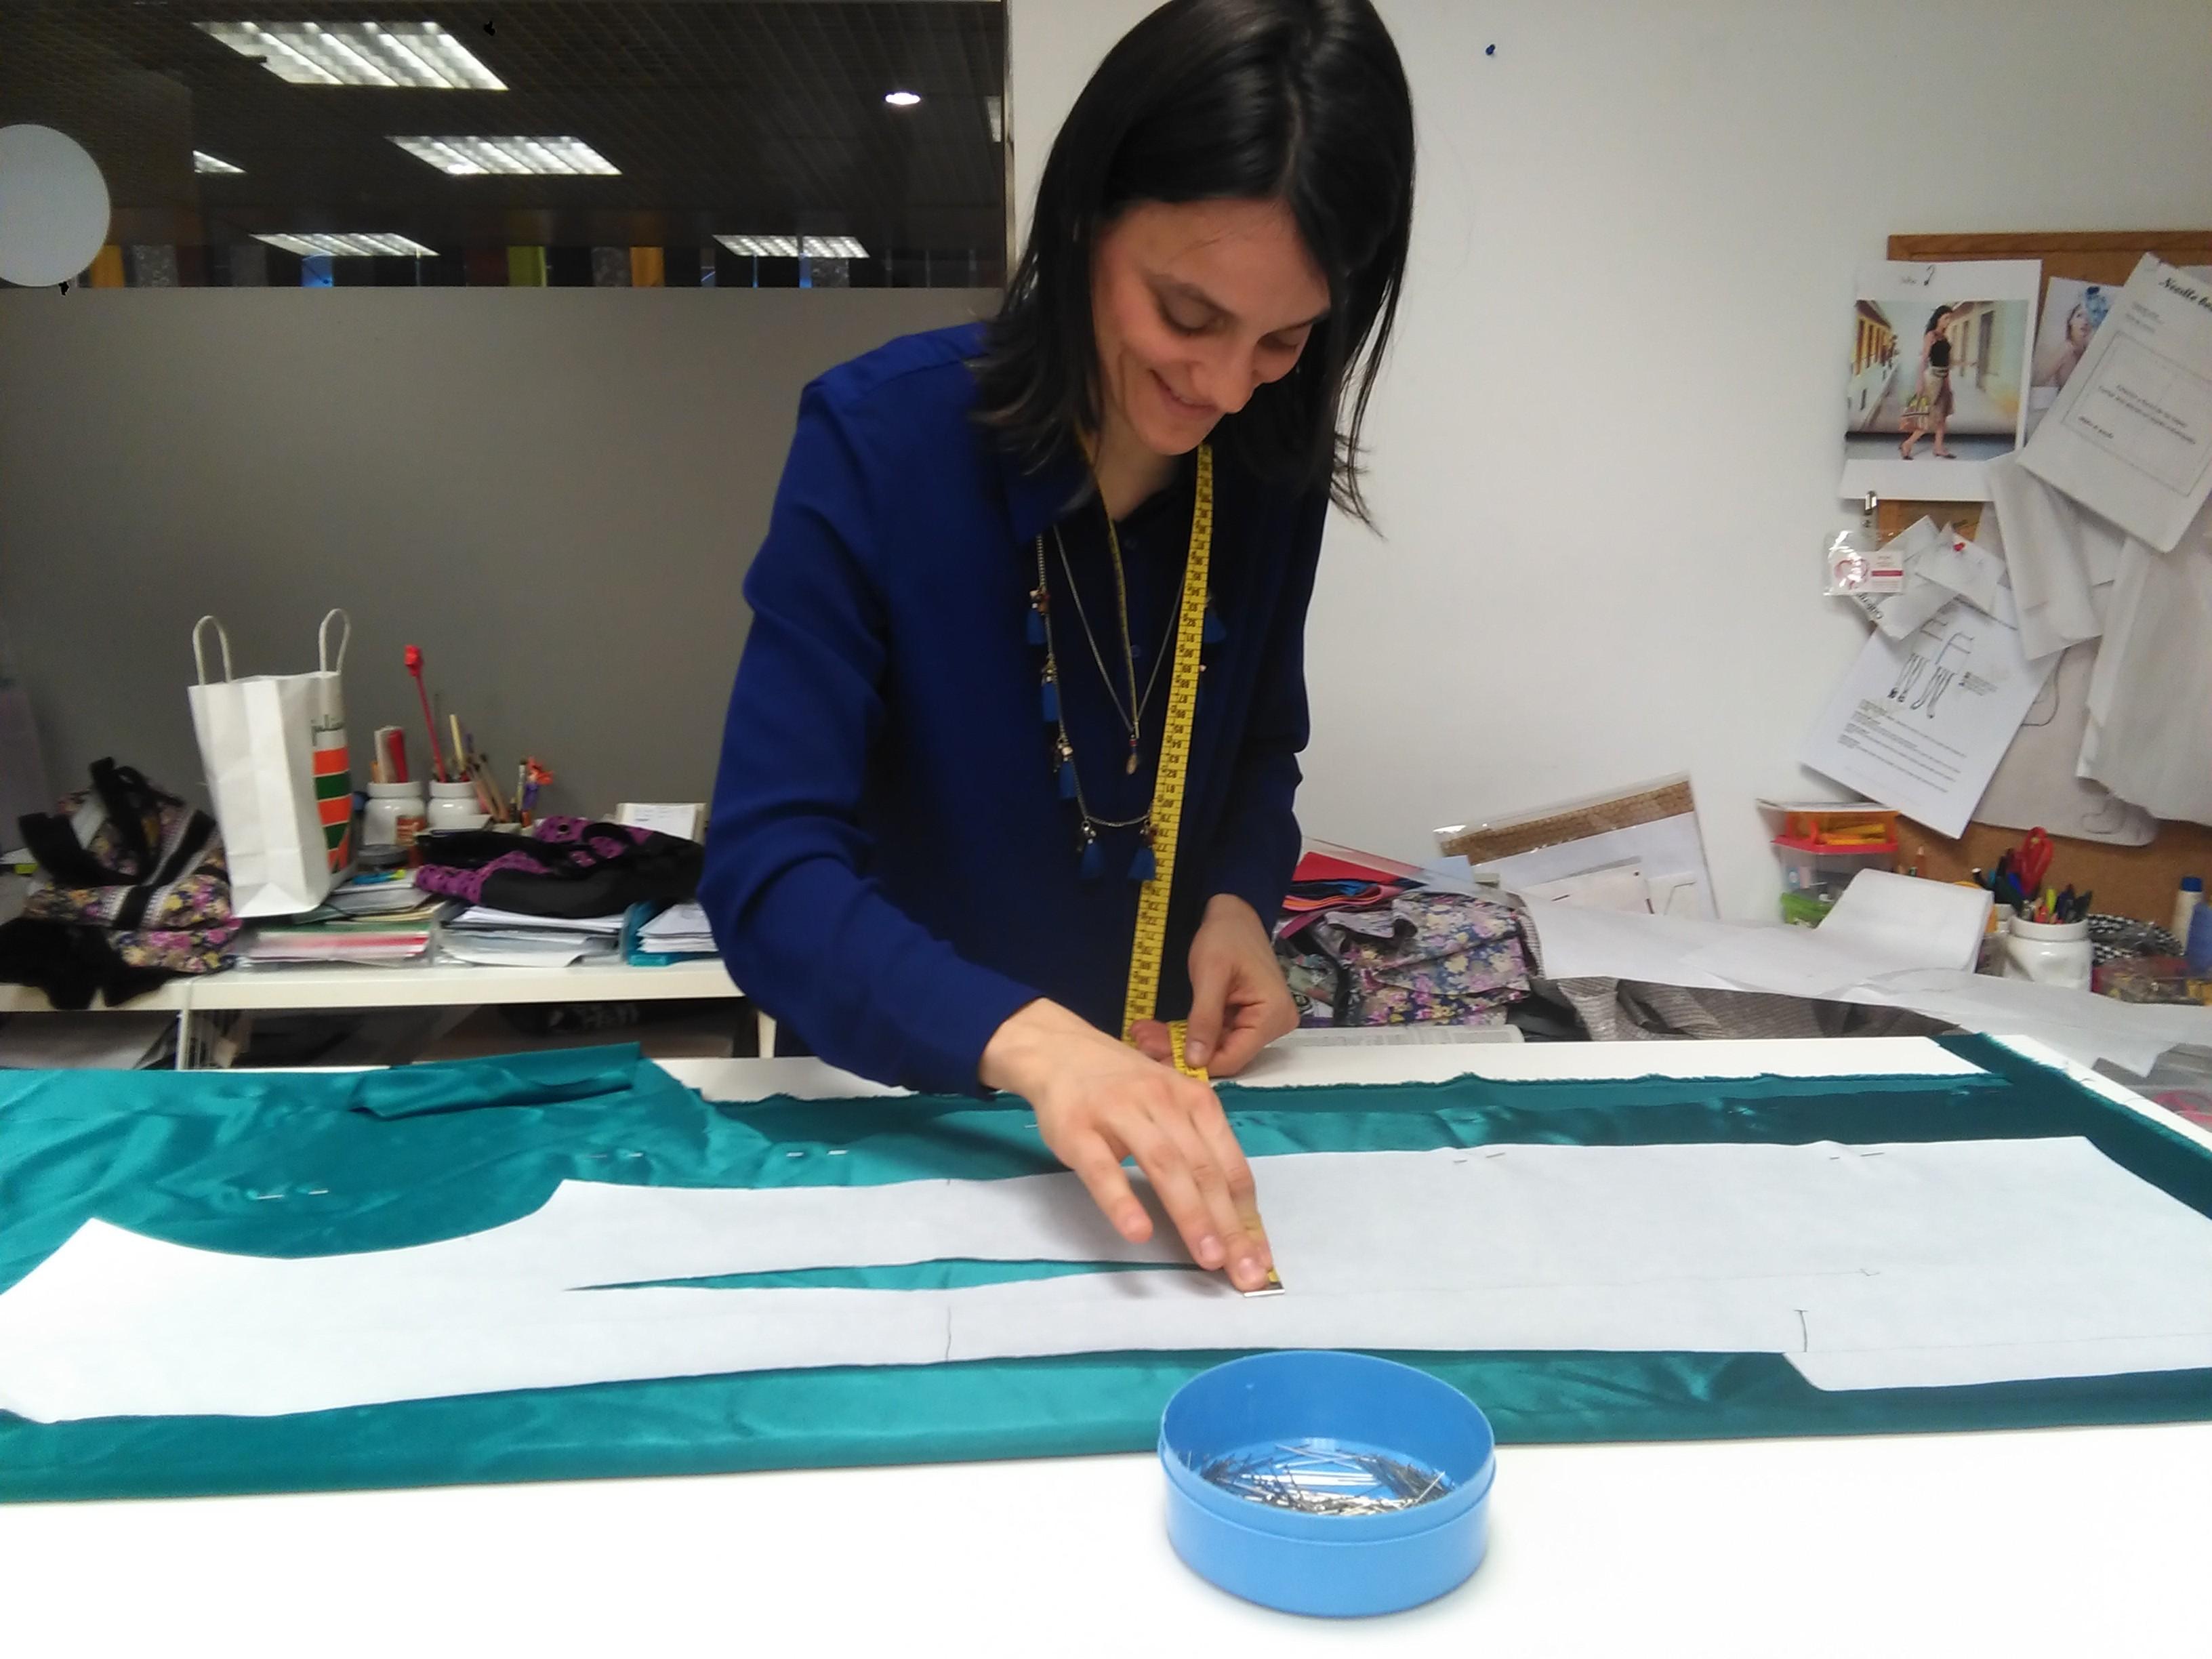 Escuela de costura y patronaje en Zaragoza